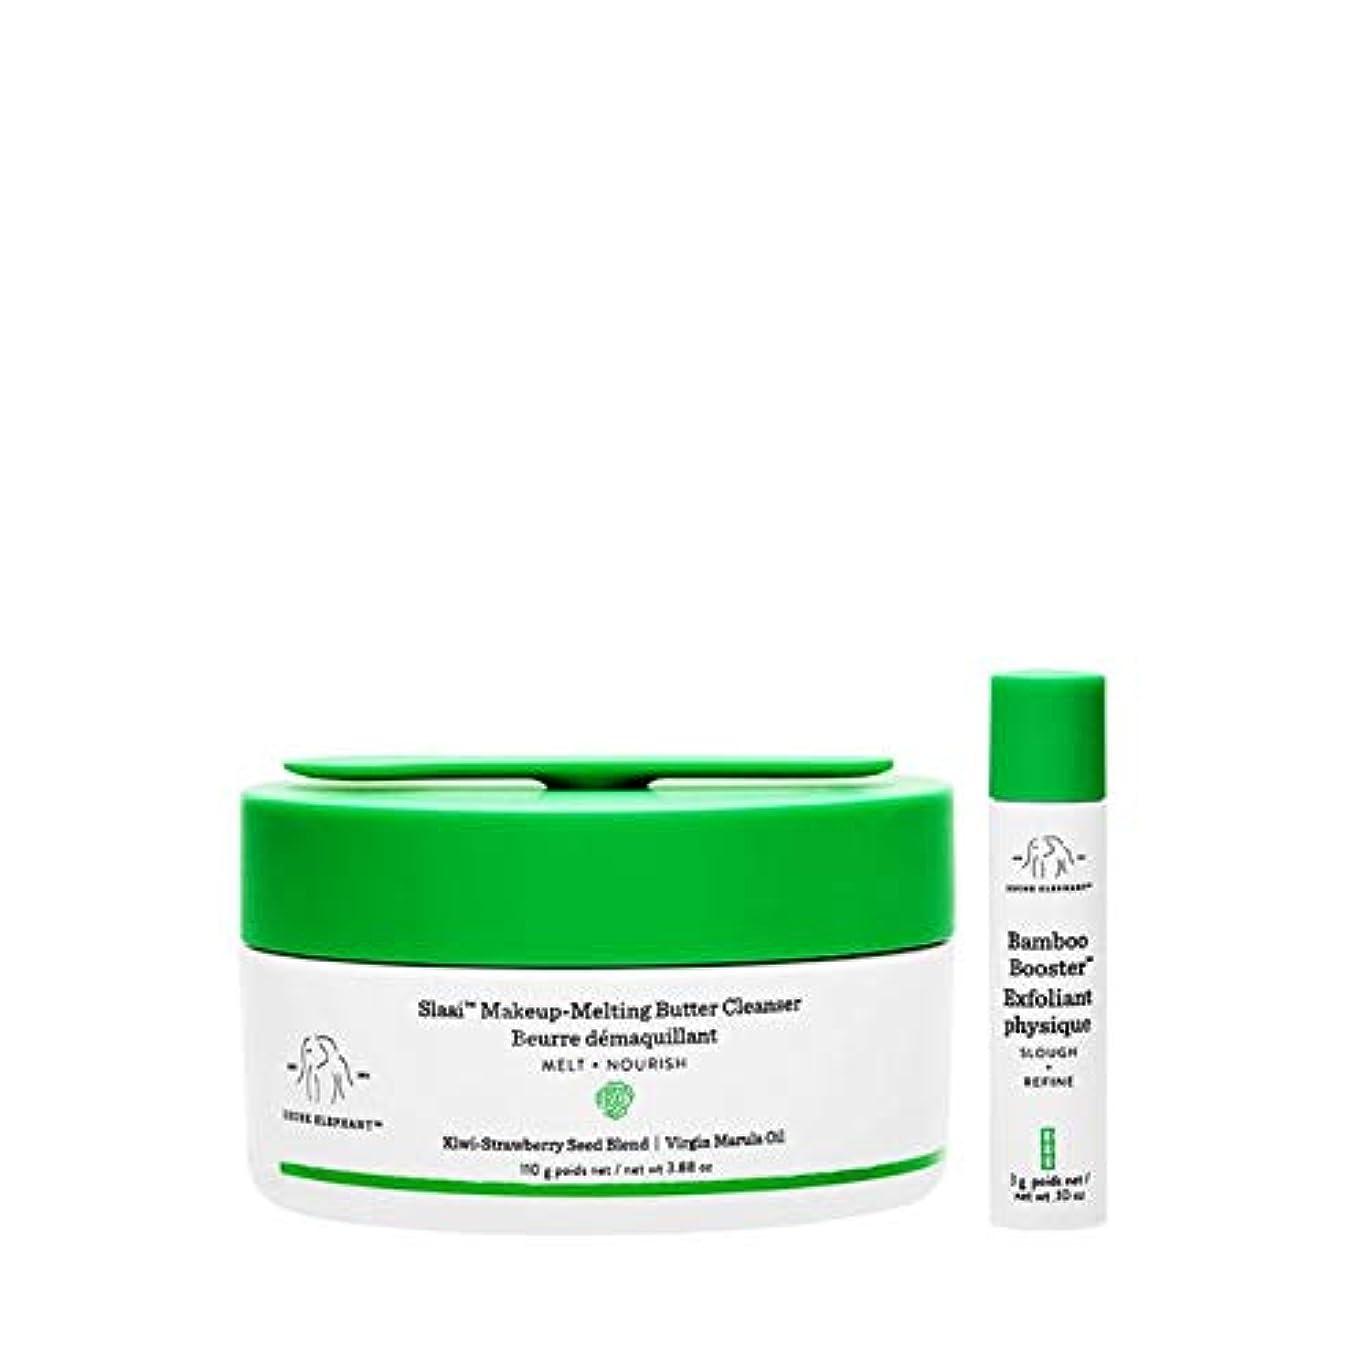 トリッキー頑張る海軍DRUNK ELEPHANT Slaai Makeup-Melting Butter Cleanser ドランクエレファント スラエー メーカップ メルティング バター クレンザー 110g